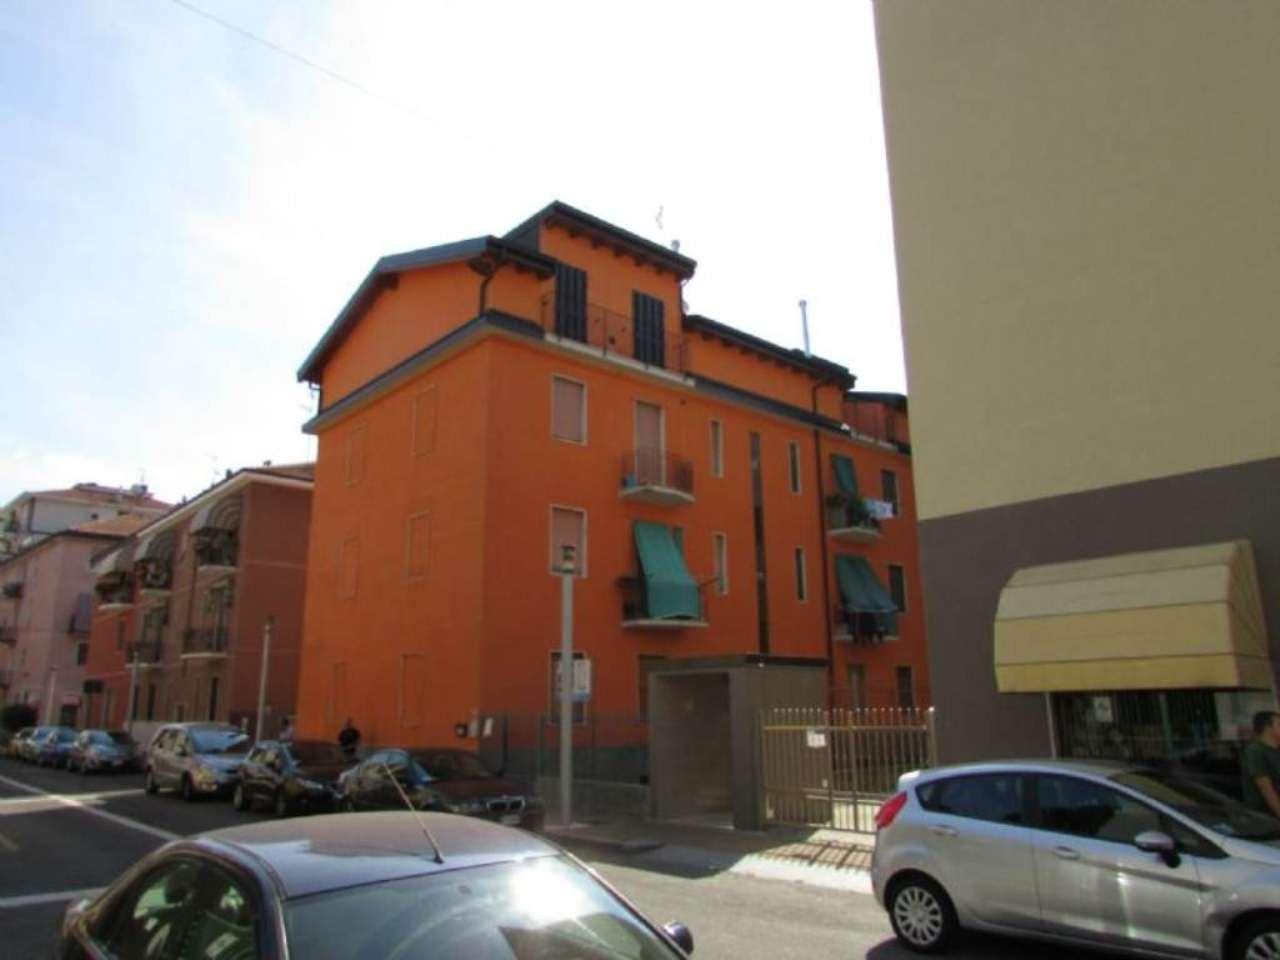 Attico / Mansarda in vendita a San Giuliano Milanese, 2 locali, prezzo € 115.000 | Cambio Casa.it